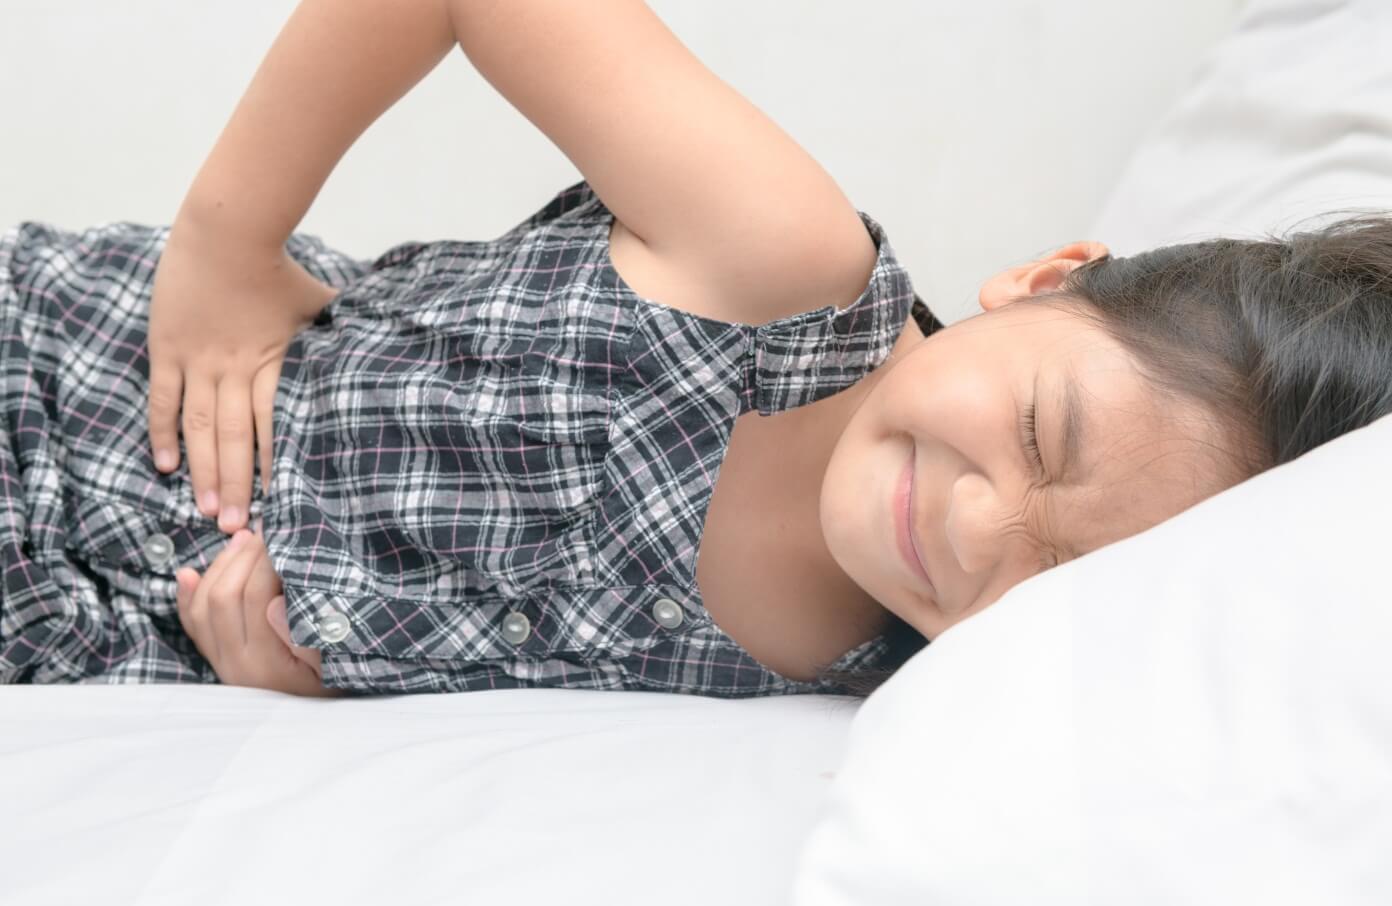 Kenali Ragam Sakit Perut Pada Anak, Gunakan Minyak Kayu Putih untuk Meredakan Sakit Perut